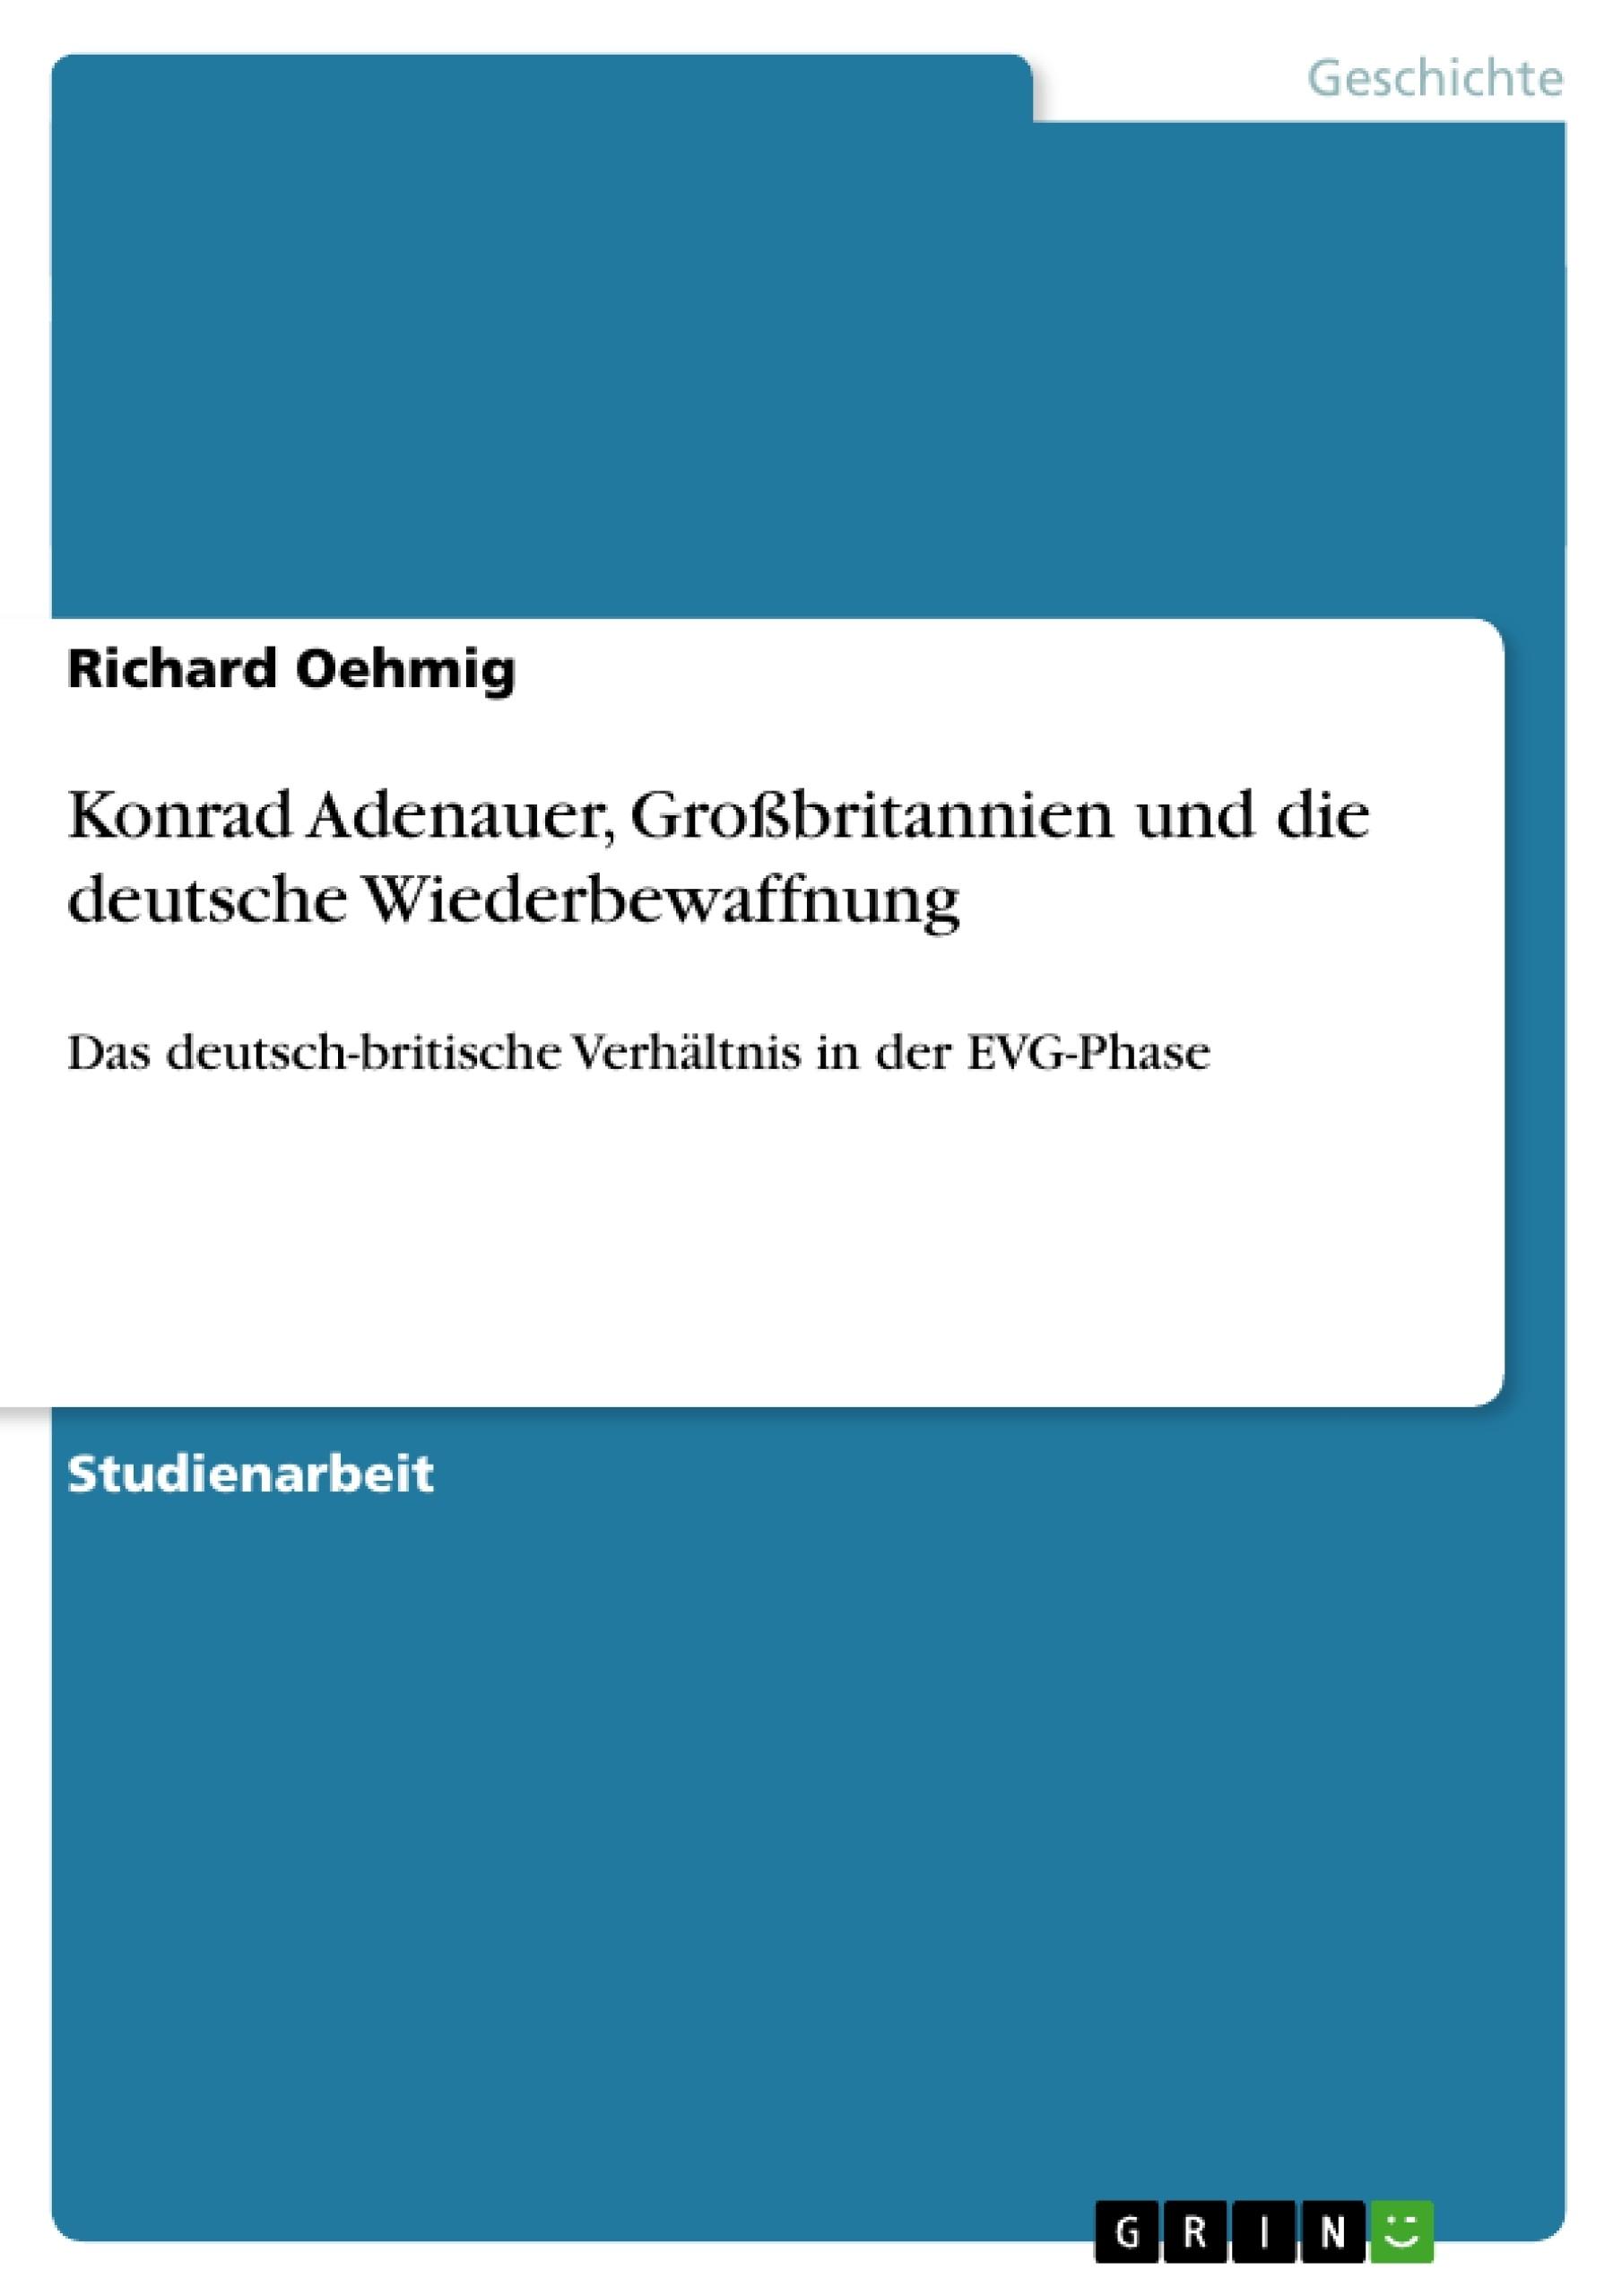 Titel: Konrad Adenauer, Großbritannien und die deutsche Wiederbewaffnung